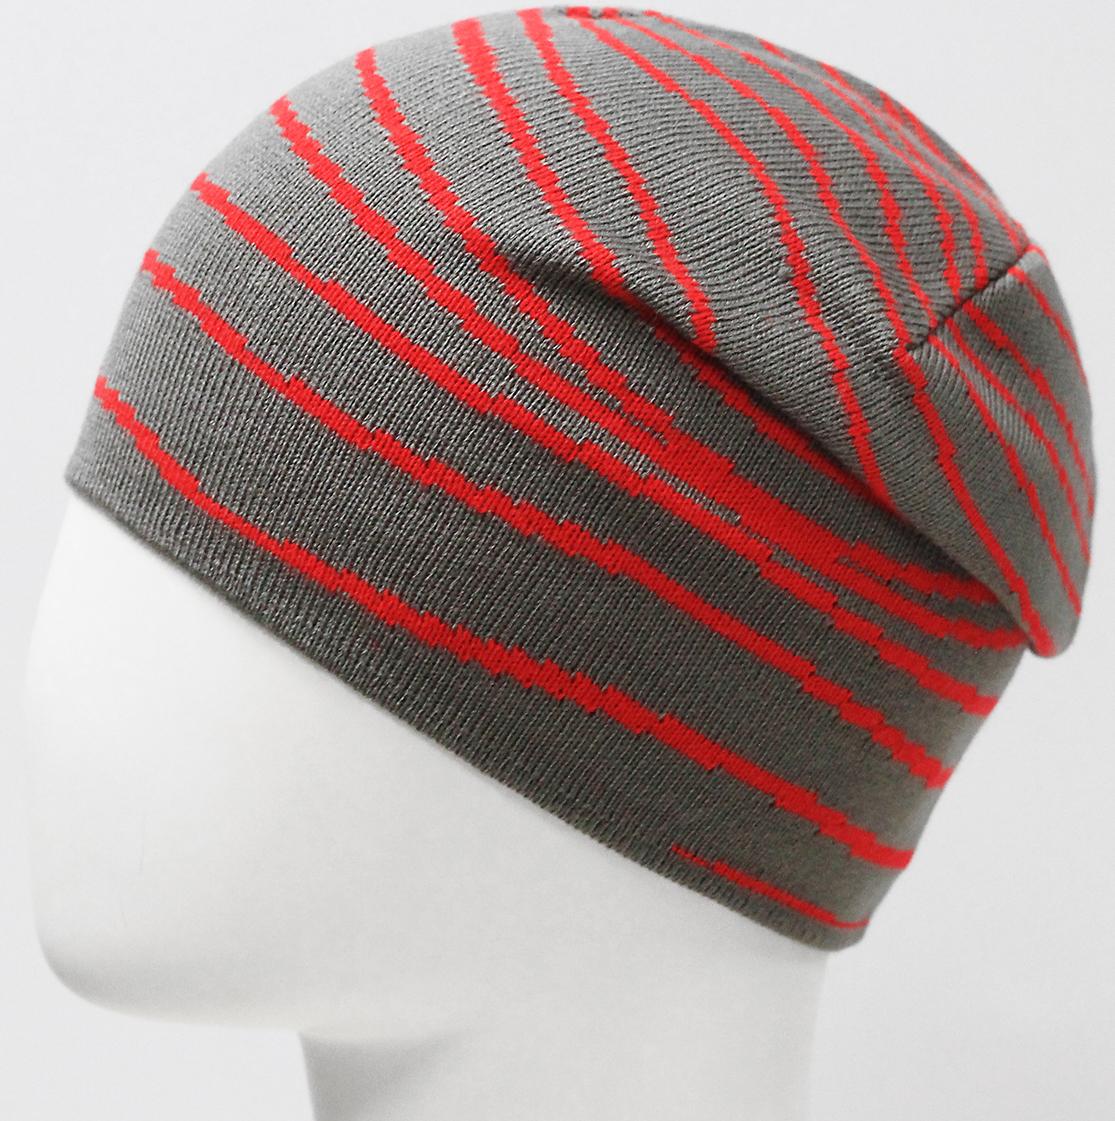 Шапка для мальчика Elfrio, цвет: красный. RBH7496. Размер 52/54RBH7496Стильная шапка для мальчика Elfrio идеально подойдет для прогулок в холодное время года. Изготовленная из высококачественного материала, она обладает хорошими дышащими свойствами и отлично удерживает тепло. Изделие великолепно тянется и удобно сидит. Такая шапочка великолепно дополнит любой наряд. Шапка украшена контрастным геометрическим узором. Такая шапка станет модным и стильным дополнением гардероба вашего ребенка. Она поднимет ему настроение даже в самые морозные дни! Уважаемые клиенты!Размер, доступный для заказа, является обхватом головы.